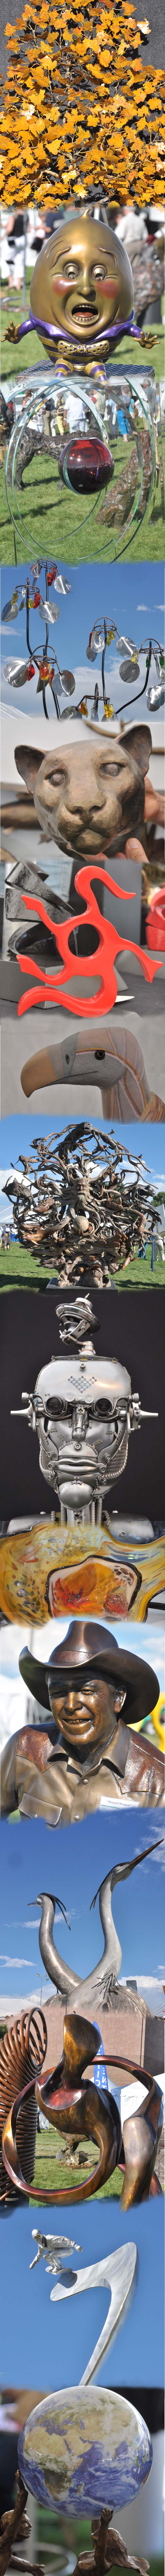 Sculpture Show2 Sculpture in Loveland